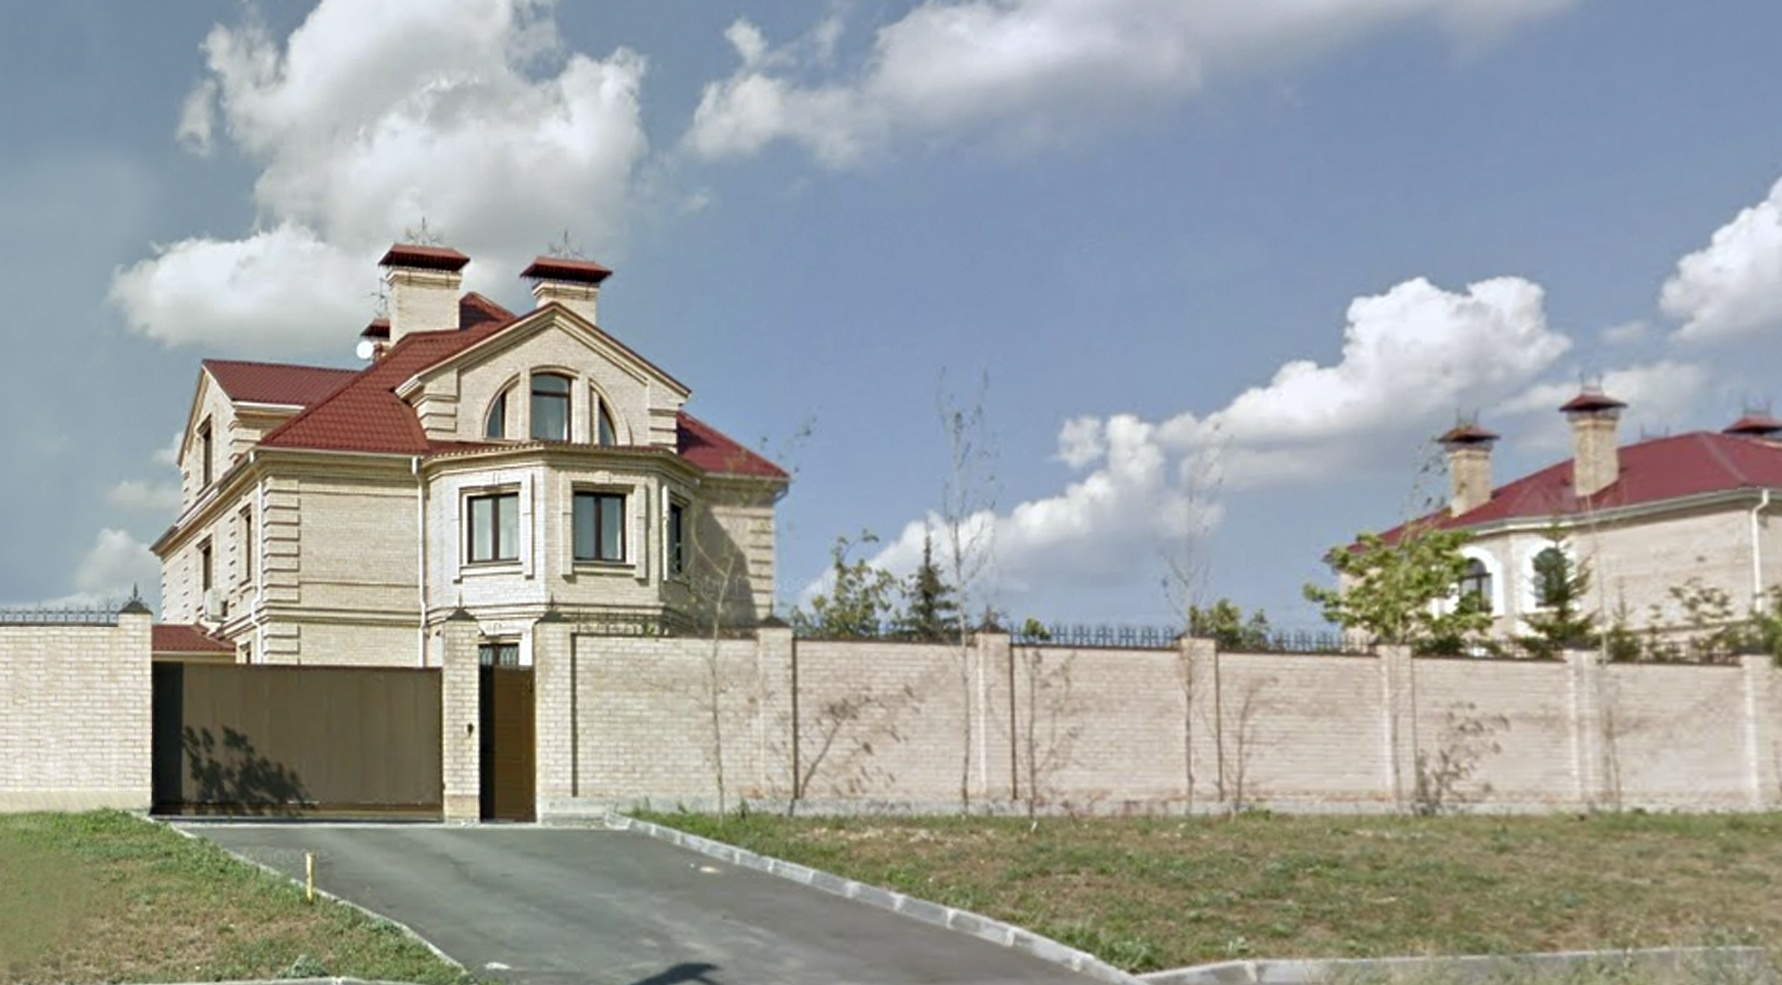 По адресу арестованного дома Давыдова карты Google выдают вот этот особняк на берегу Изумрудного карьера